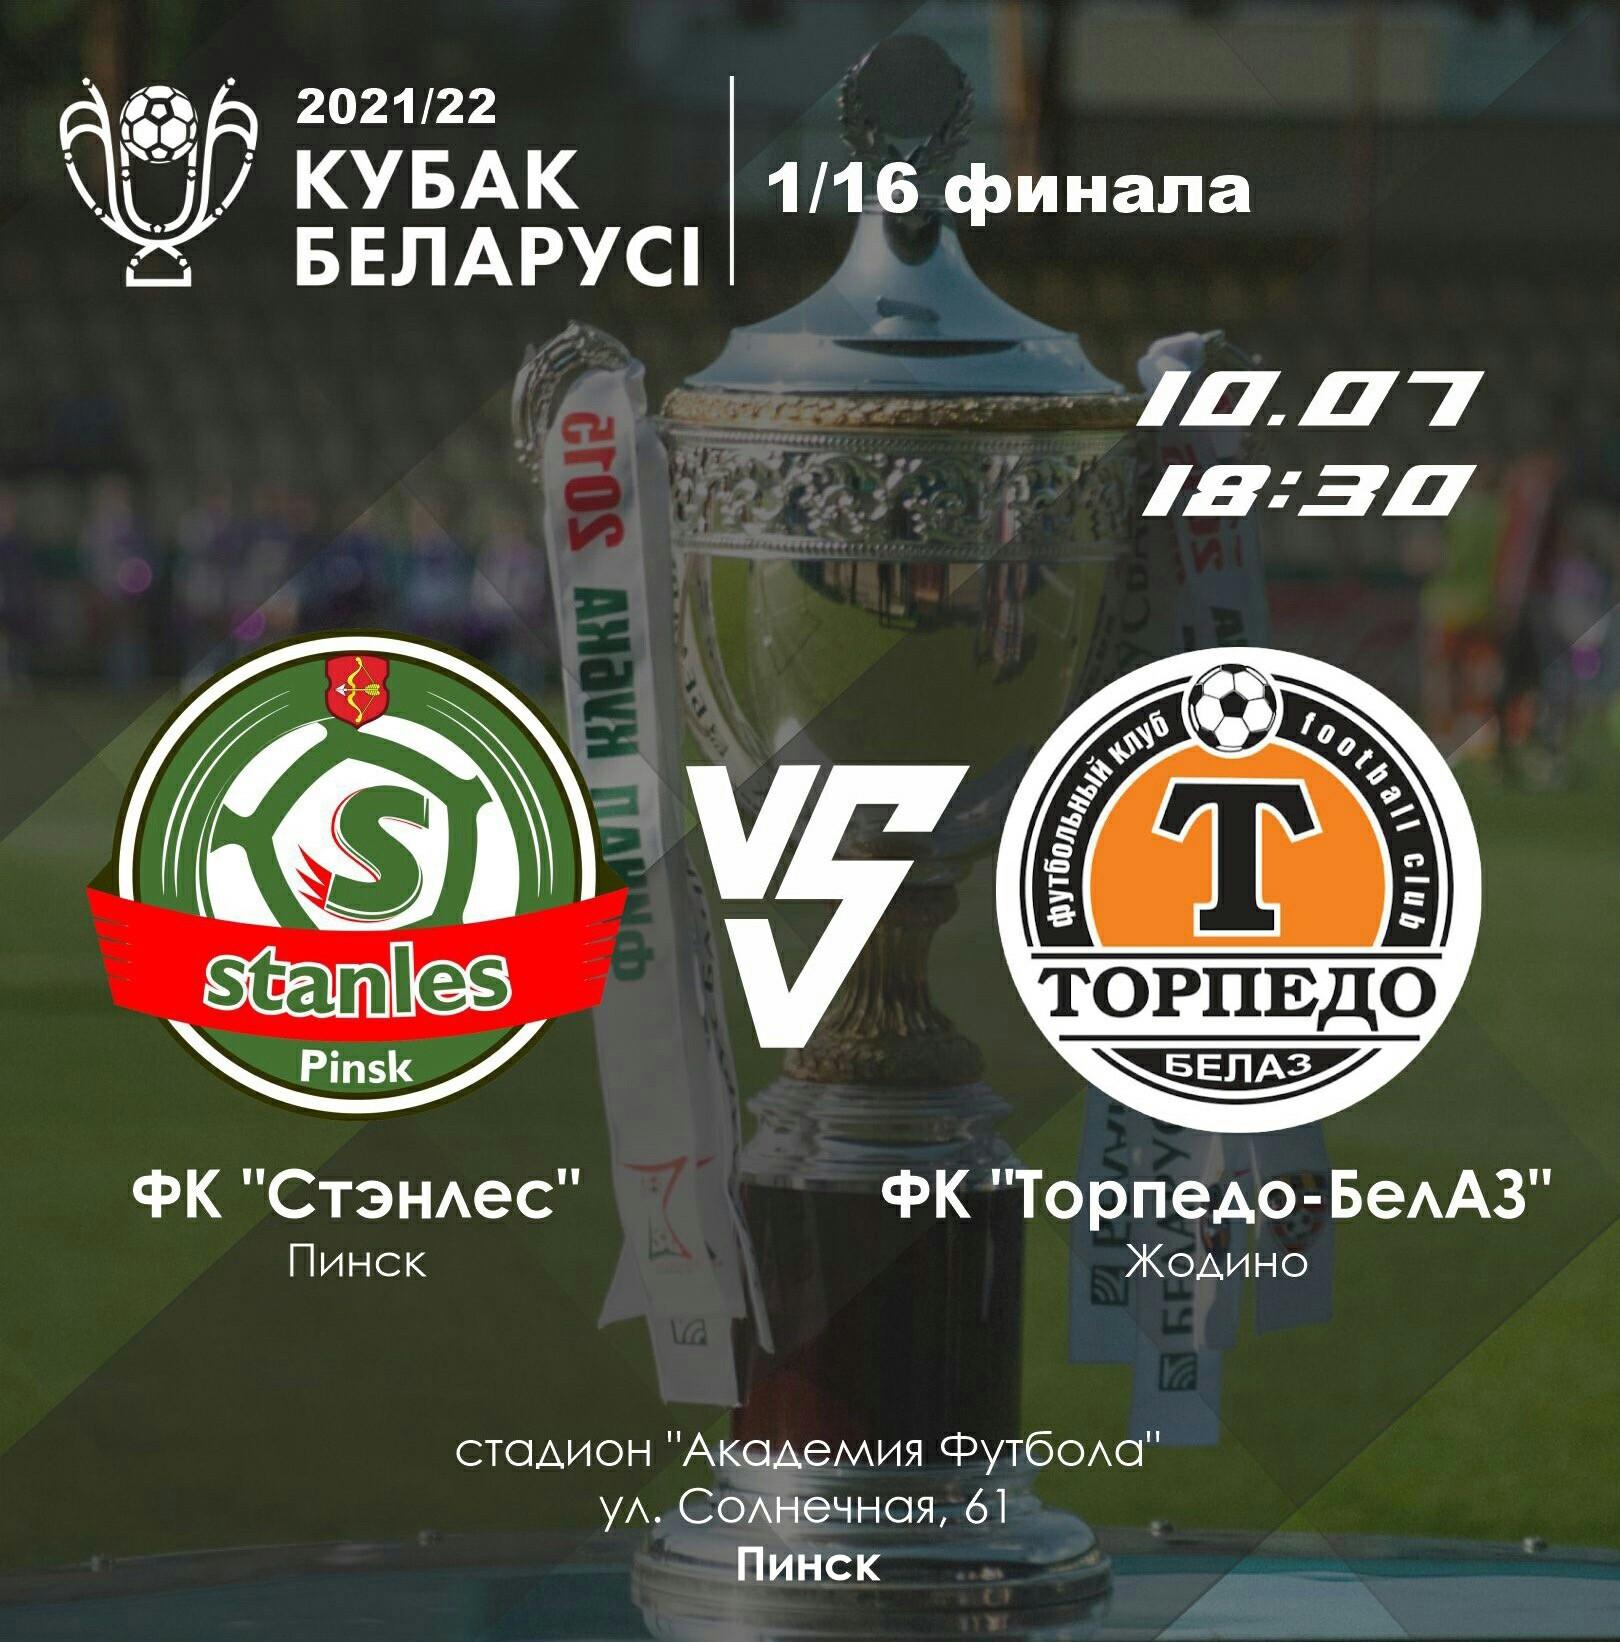 Кто сильнее - «Стэнлес» или «БелАЗ»? (текстовая трансляция в 18:30)